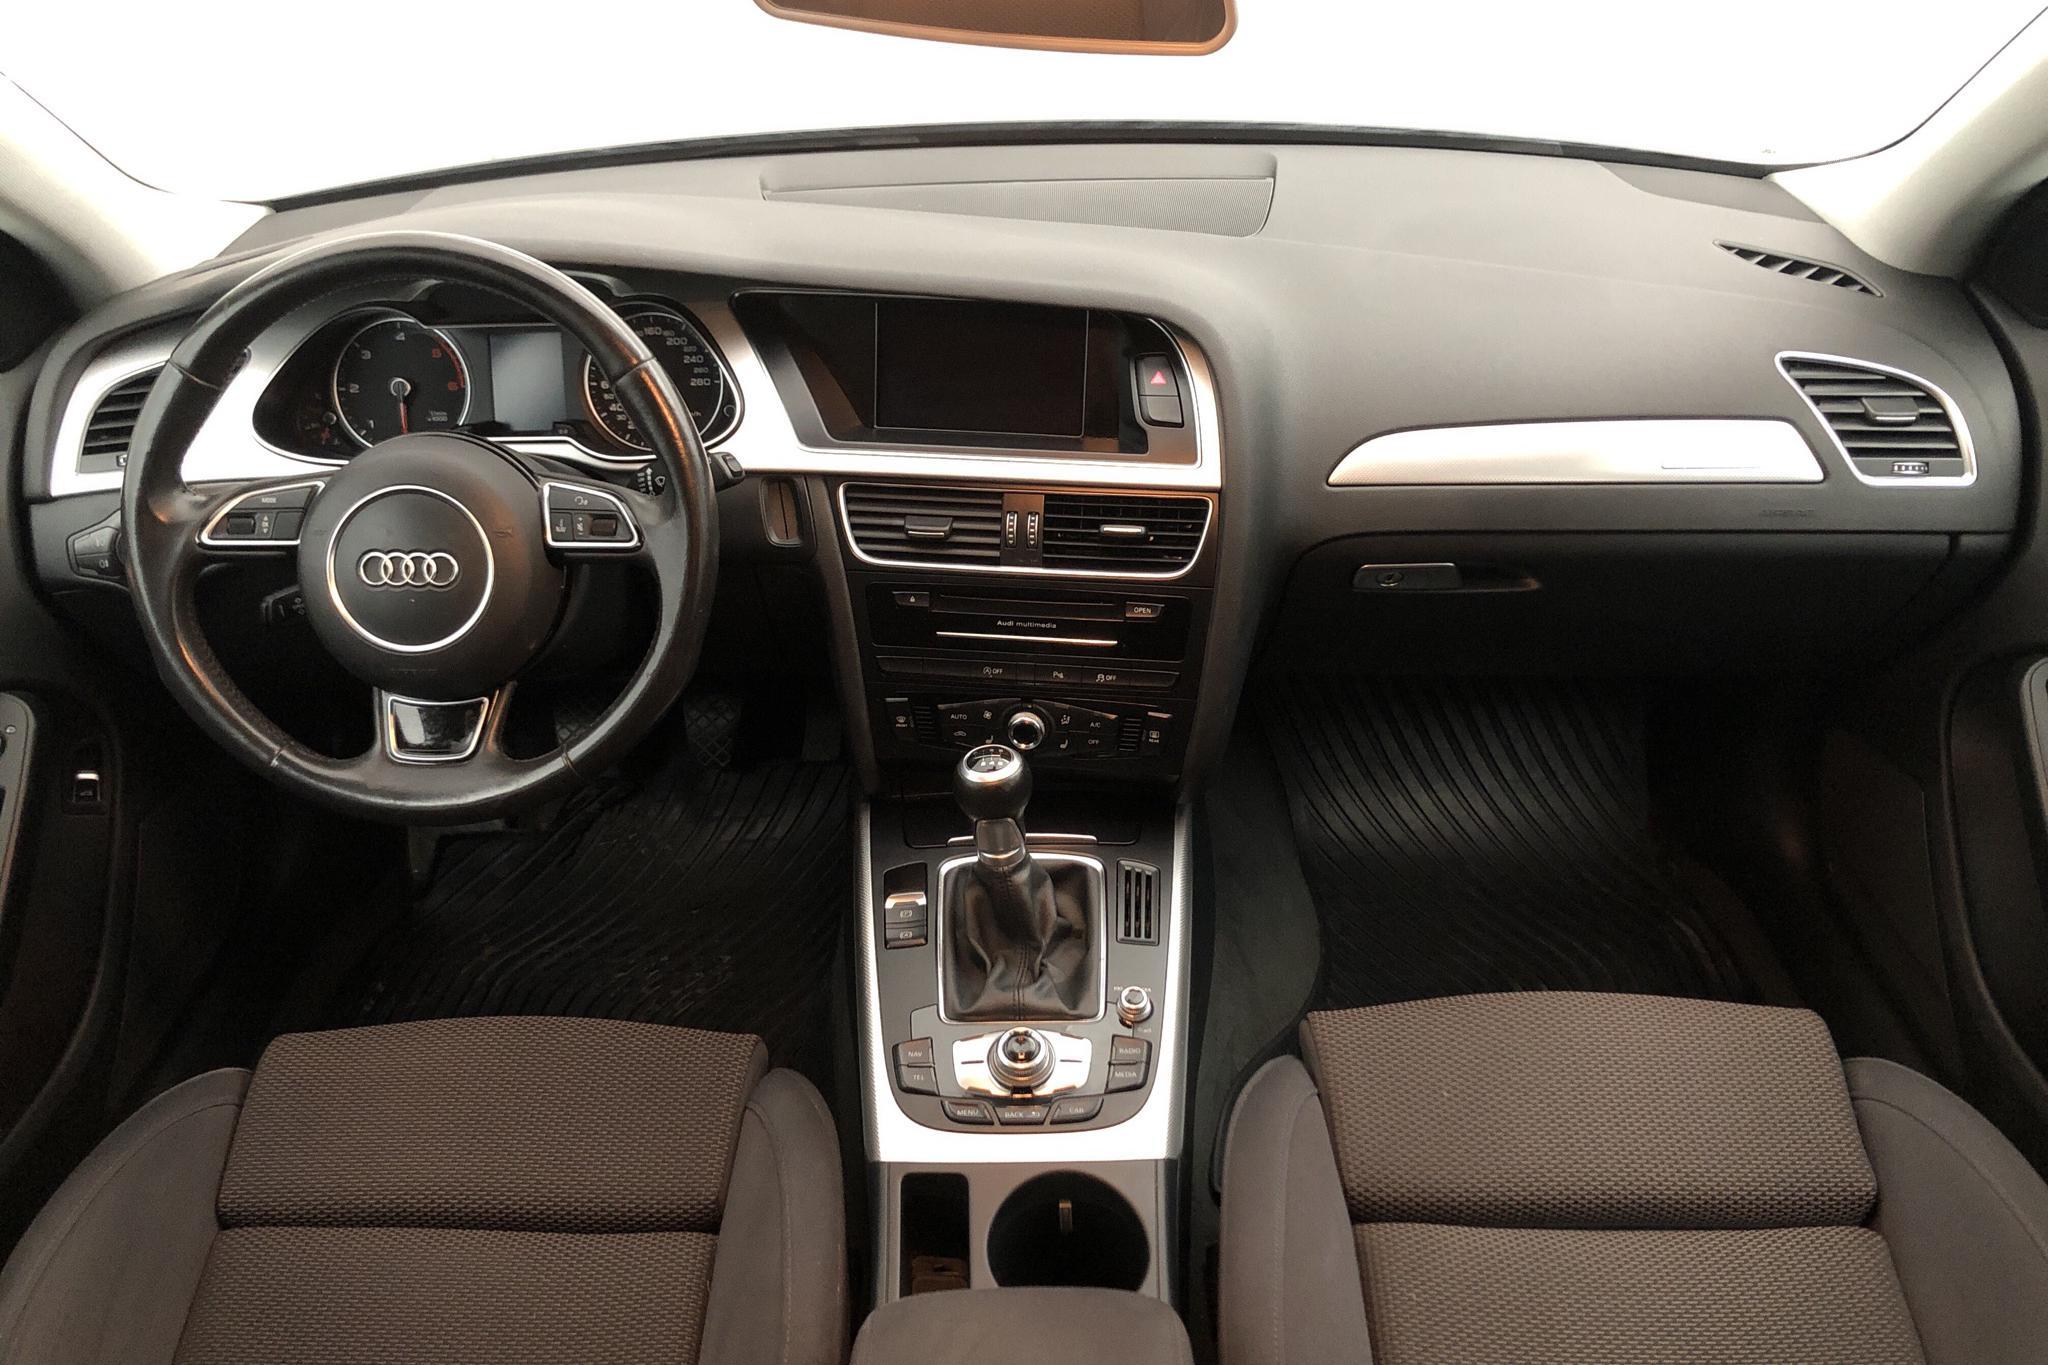 Audi A4 Allroad 2.0 TDI Avant quattro (150hk) - 9 514 mil - Manuell - grå - 2015